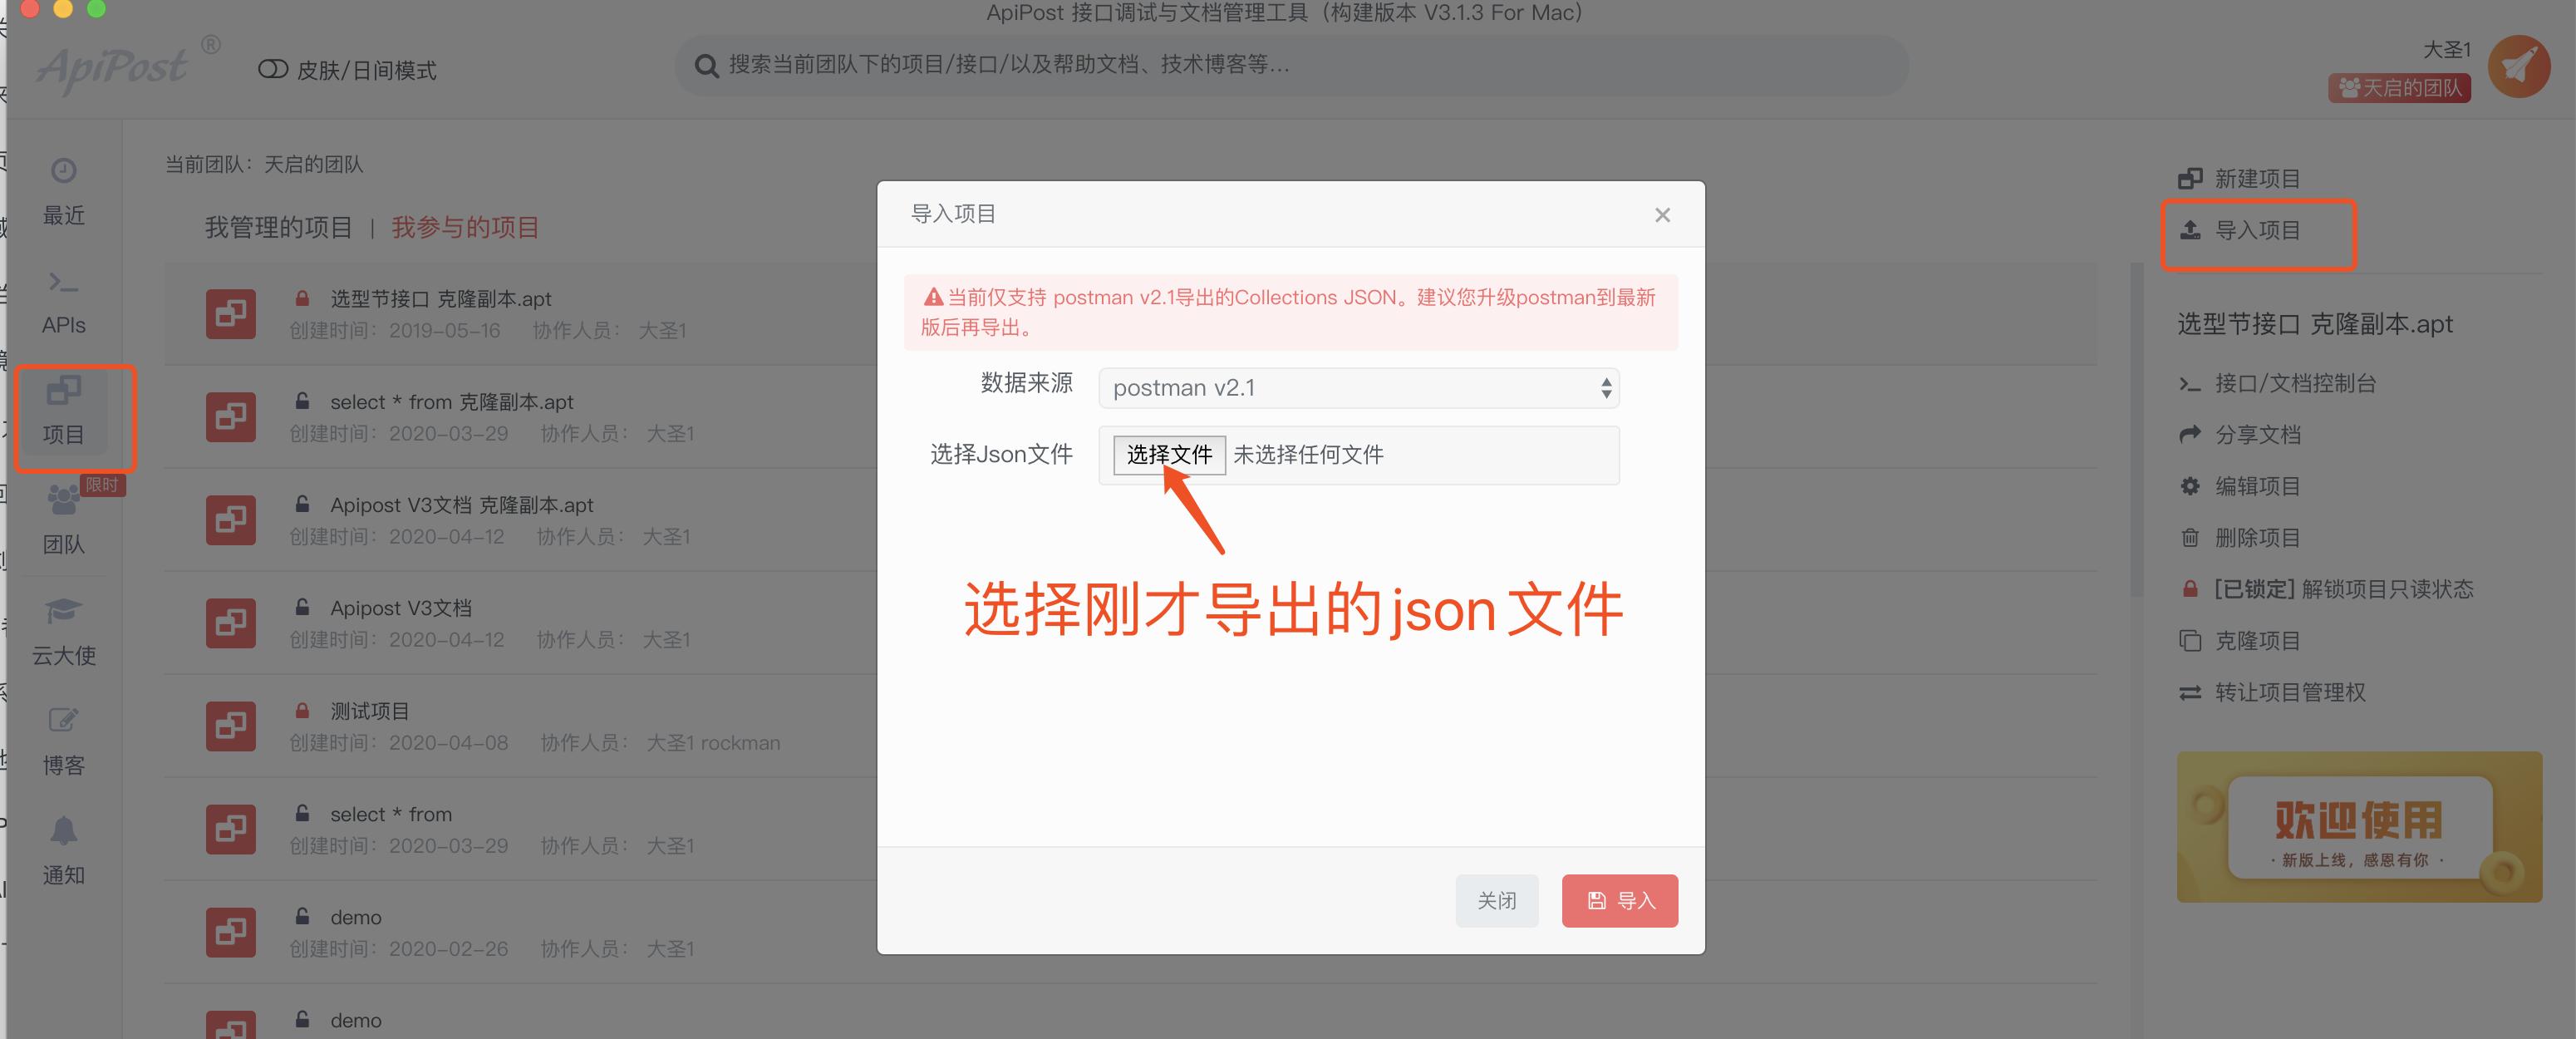 从Postman导出接口API数据到中文接口测试工具ApiPost